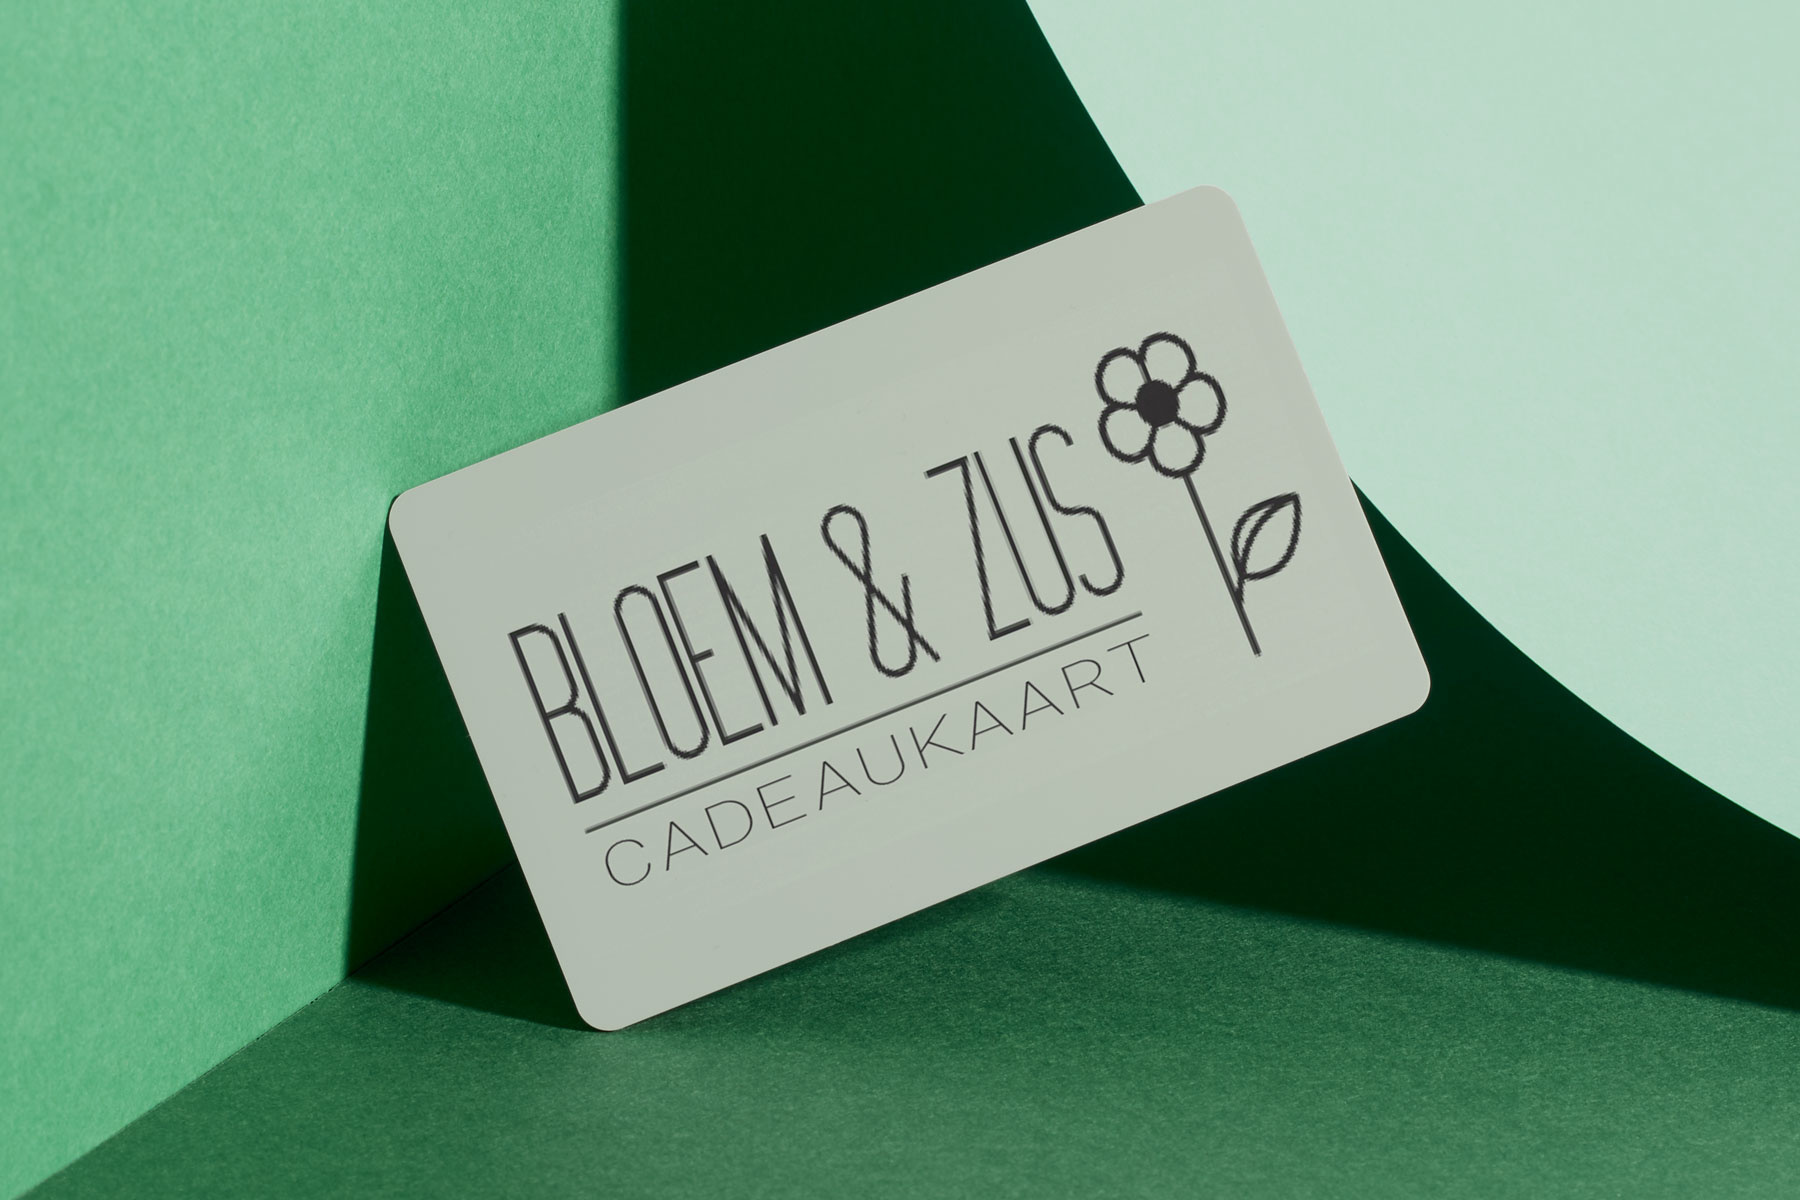 Bloem & Zus-2